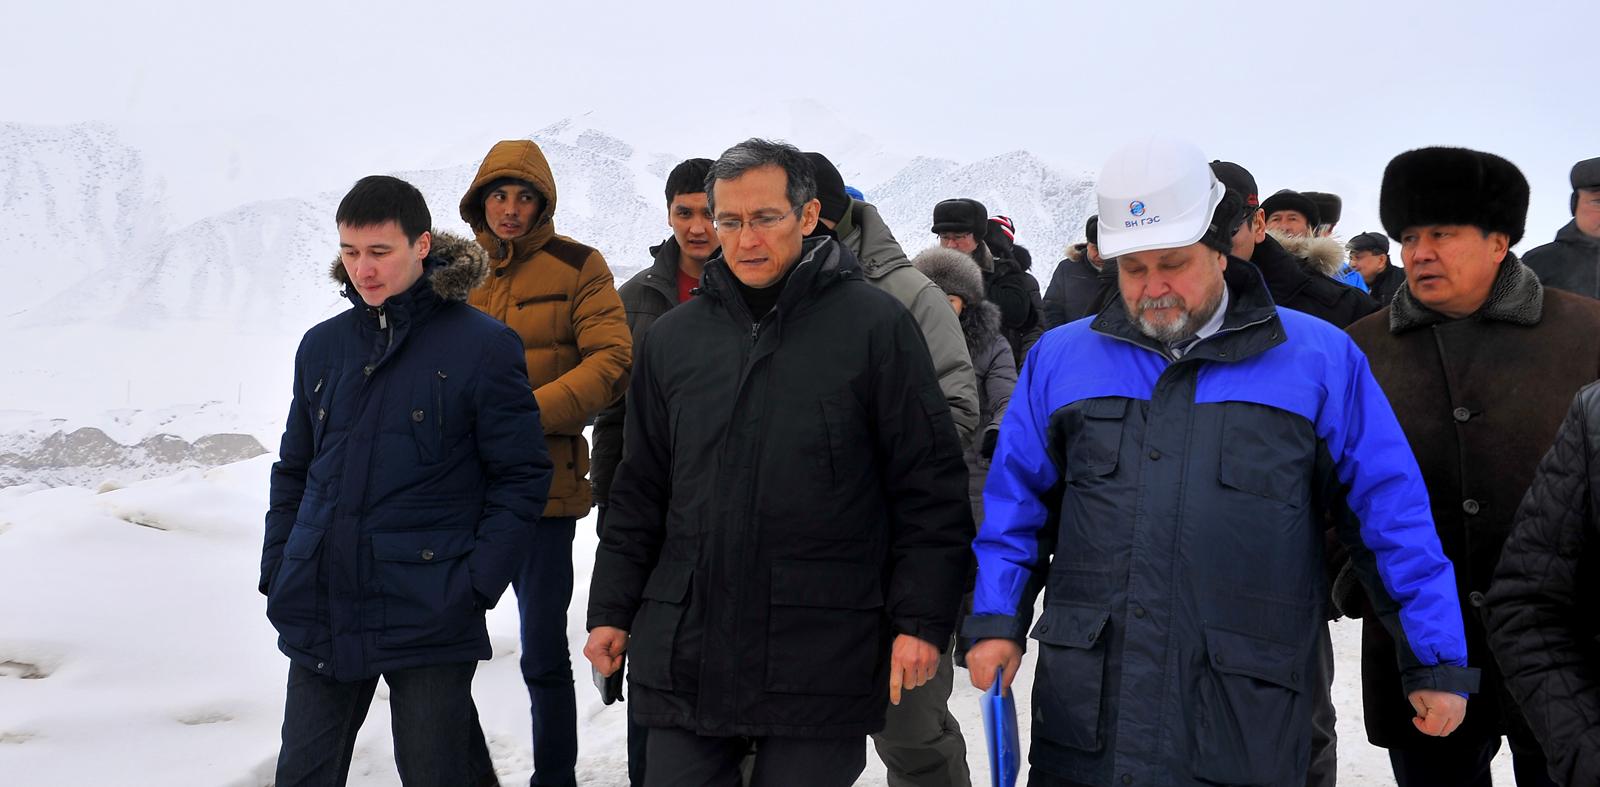 Февраль 2015: бывший тогда премьер-министром Джоомарт Оторбаев знакомится с ходом строительства. «Этот проект необходим для нас. Работы по его реализации ведутся ритмично. Мы должны завершить этот проект в срок», — заявил тогда Оторбаев.